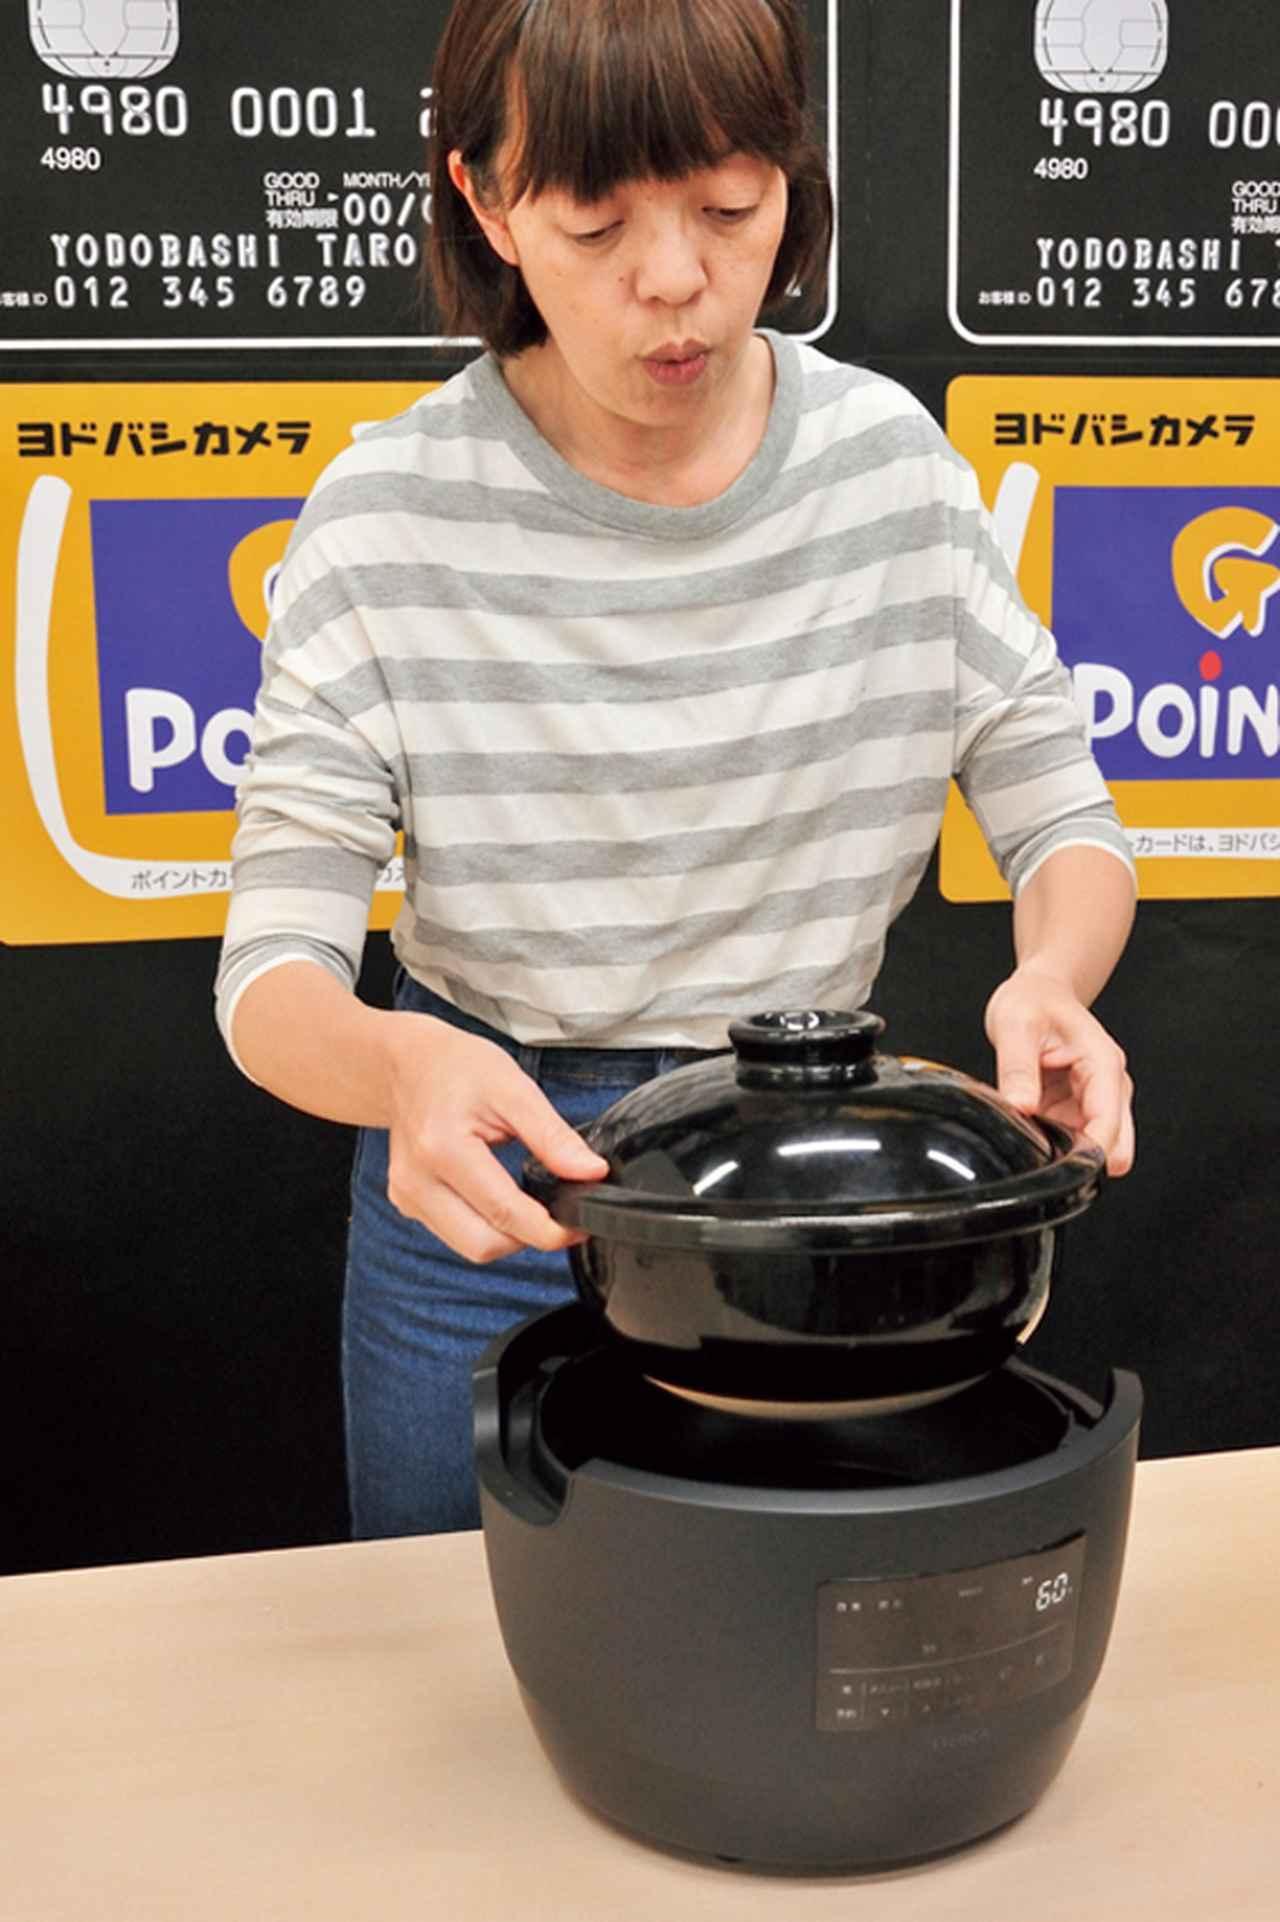 画像: しっかりとふたをして、土鍋を本体にセット。炊き上がりの目安は、約60分。